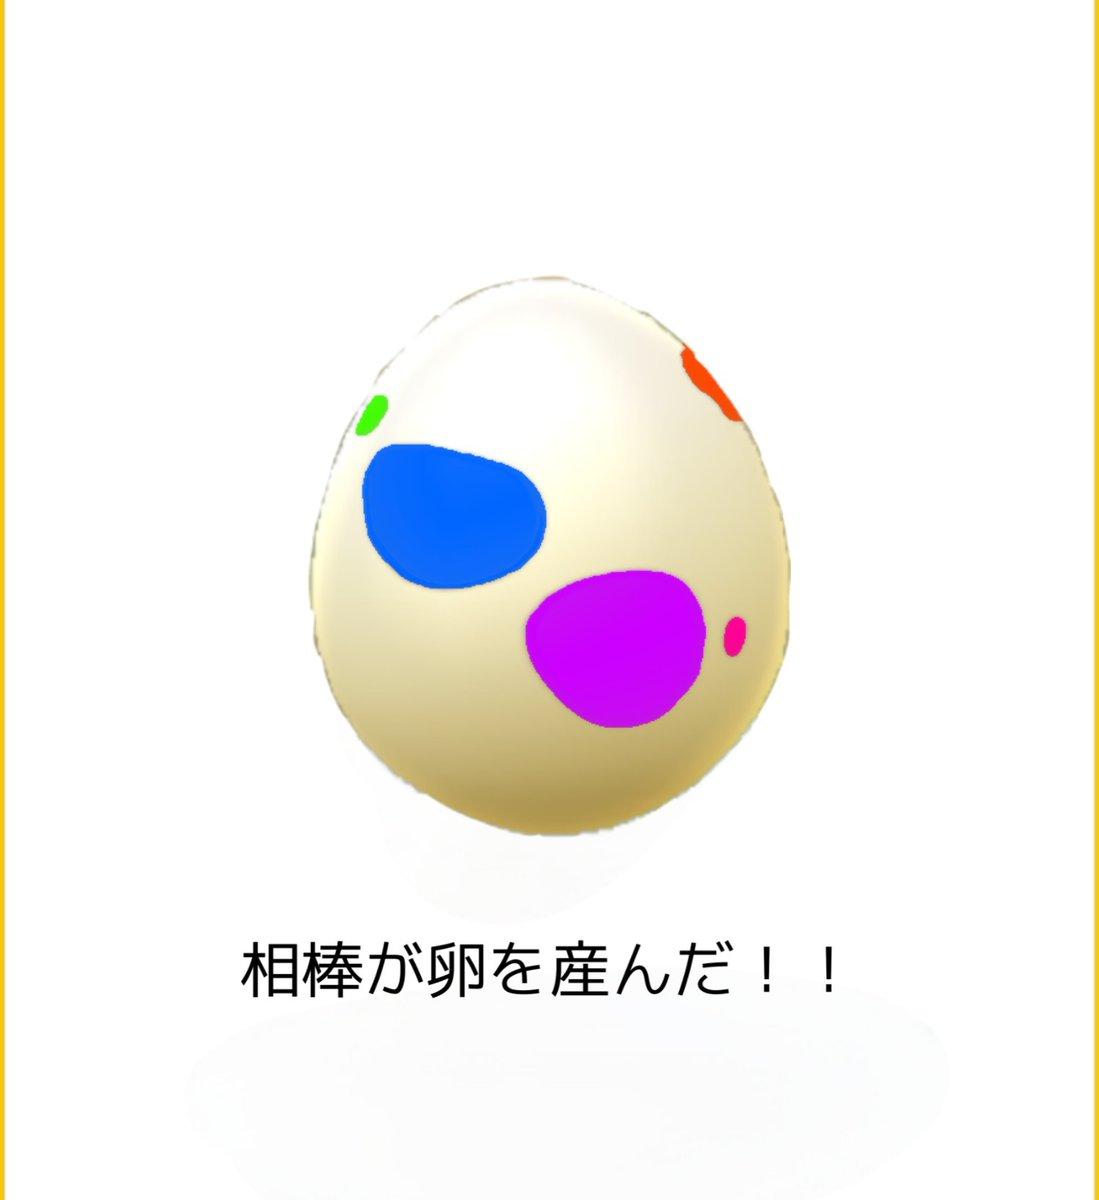 Teamⓘしめさば@ポケモンGOさんの投稿画像